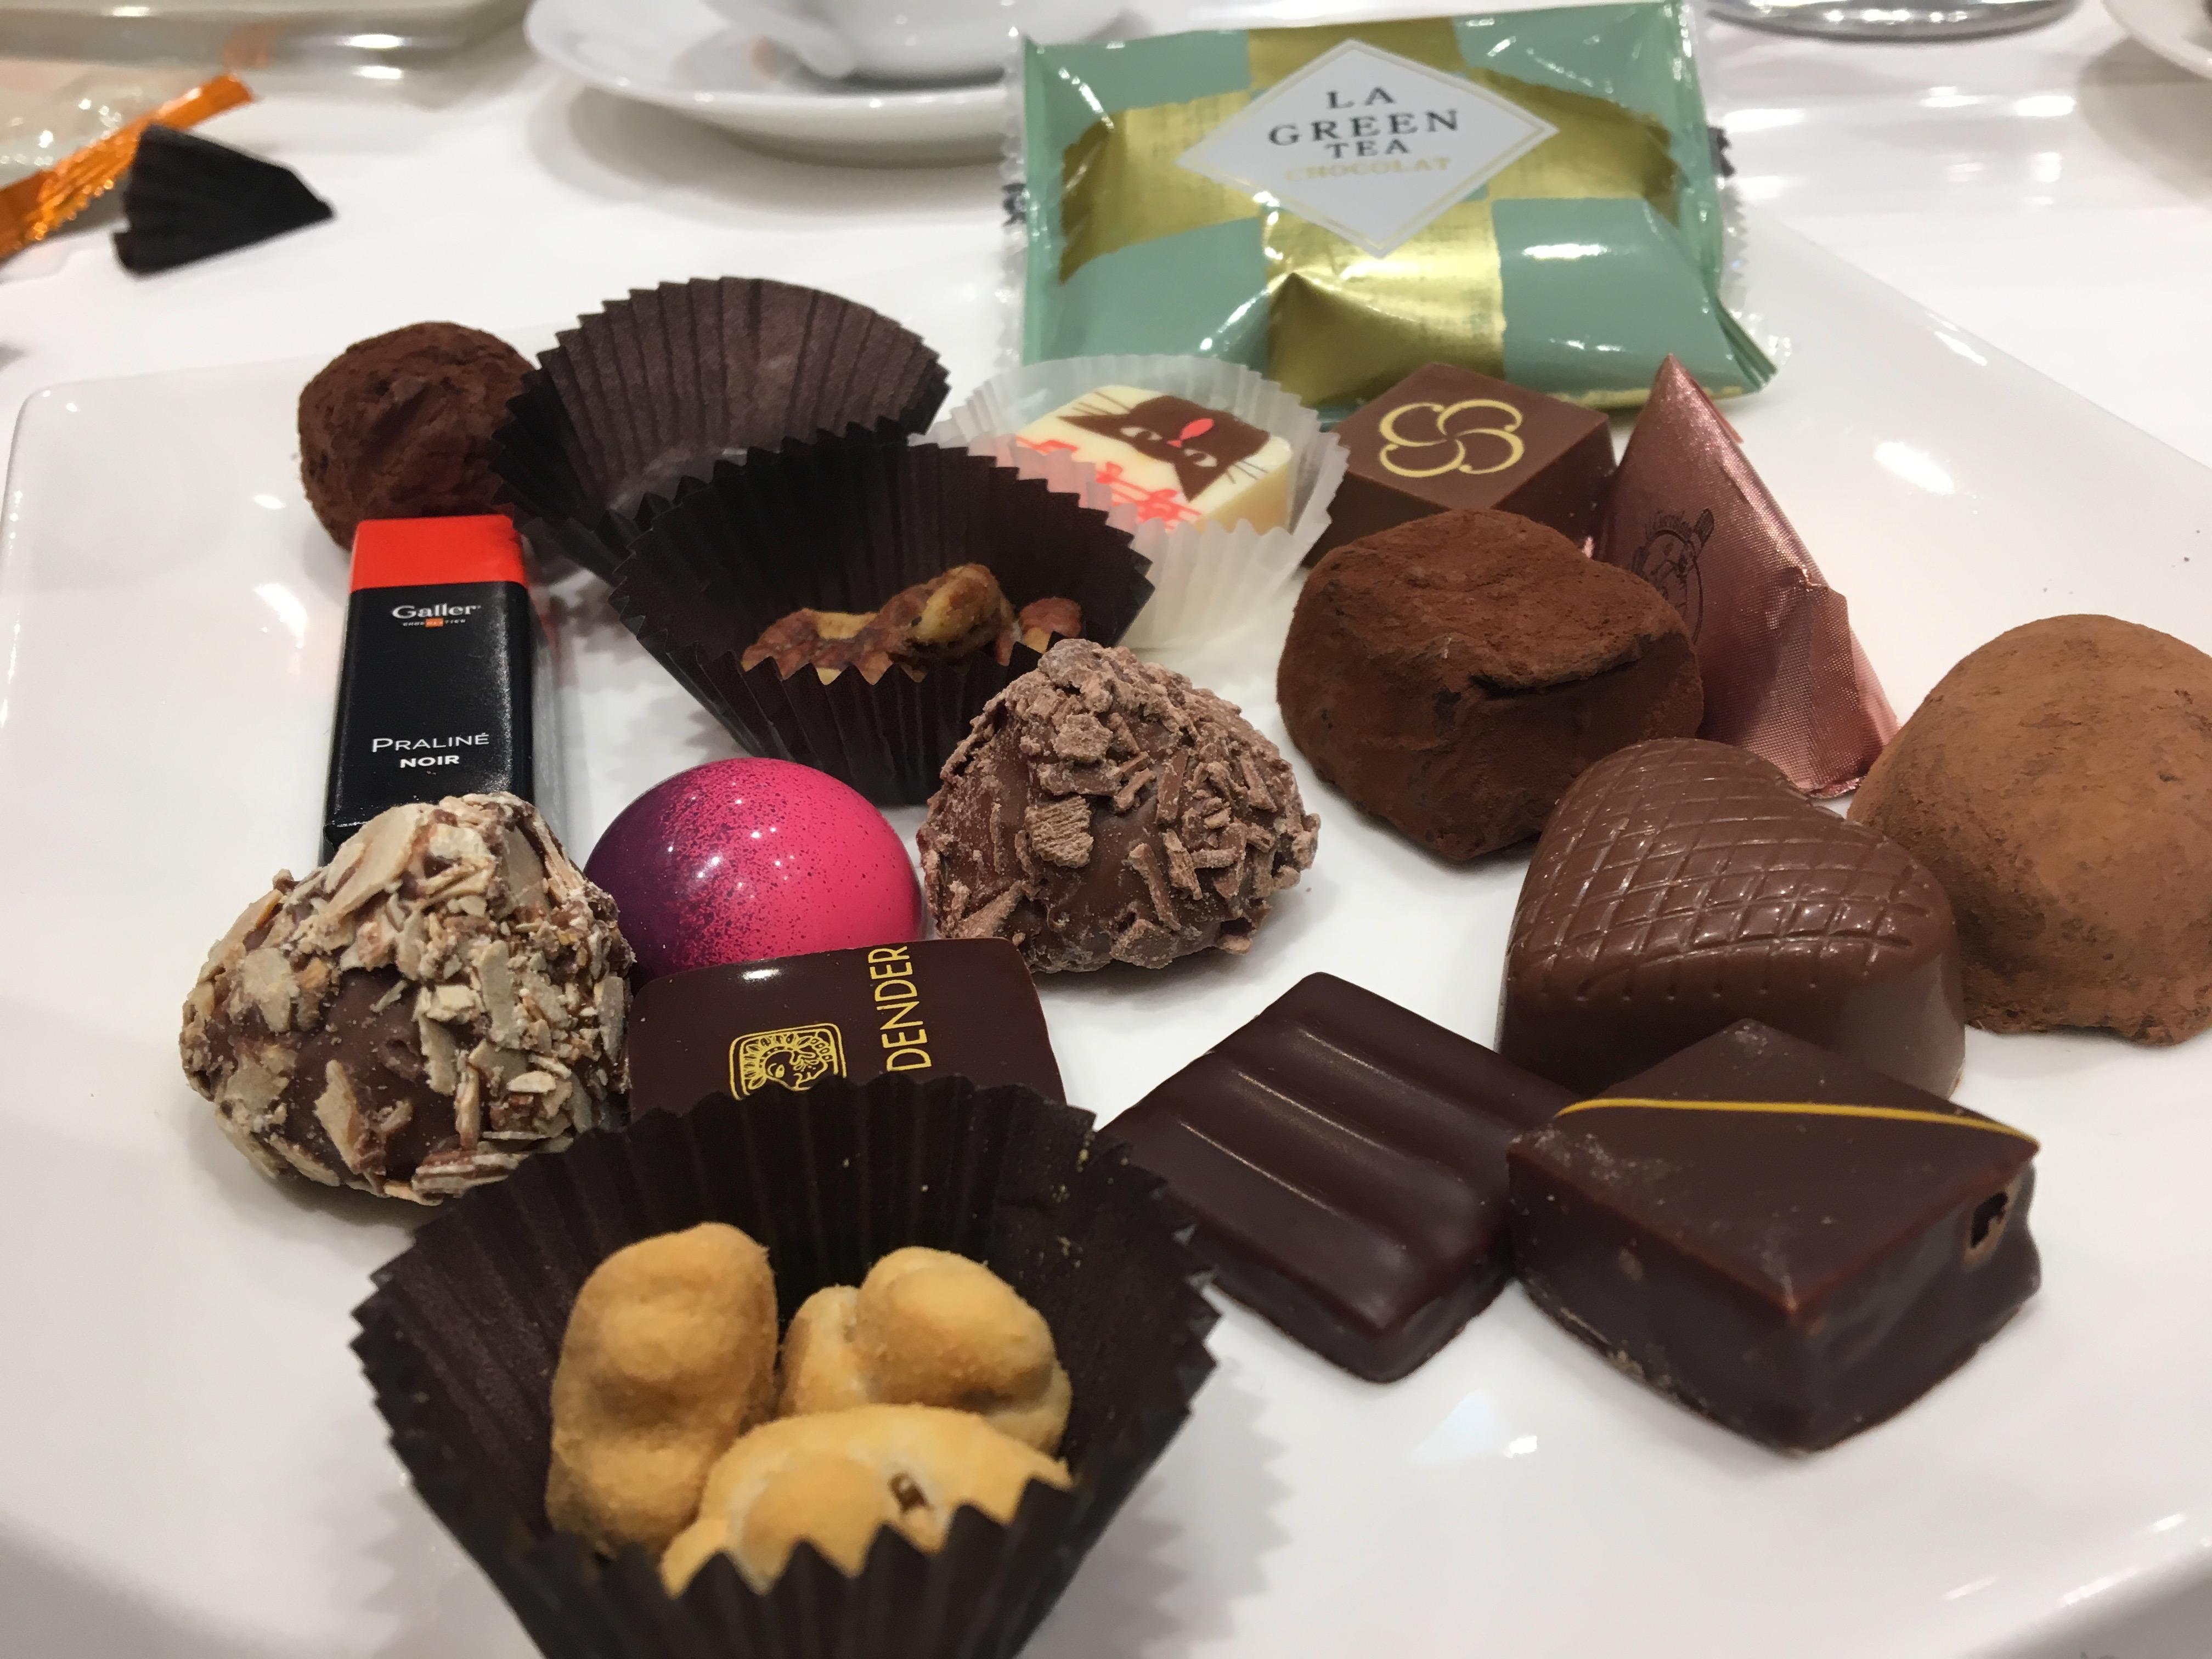 【鹿児島山形屋】バレンタインコレクション2019試食会で高級チョコを20個くらい食べてきた結果・・・!